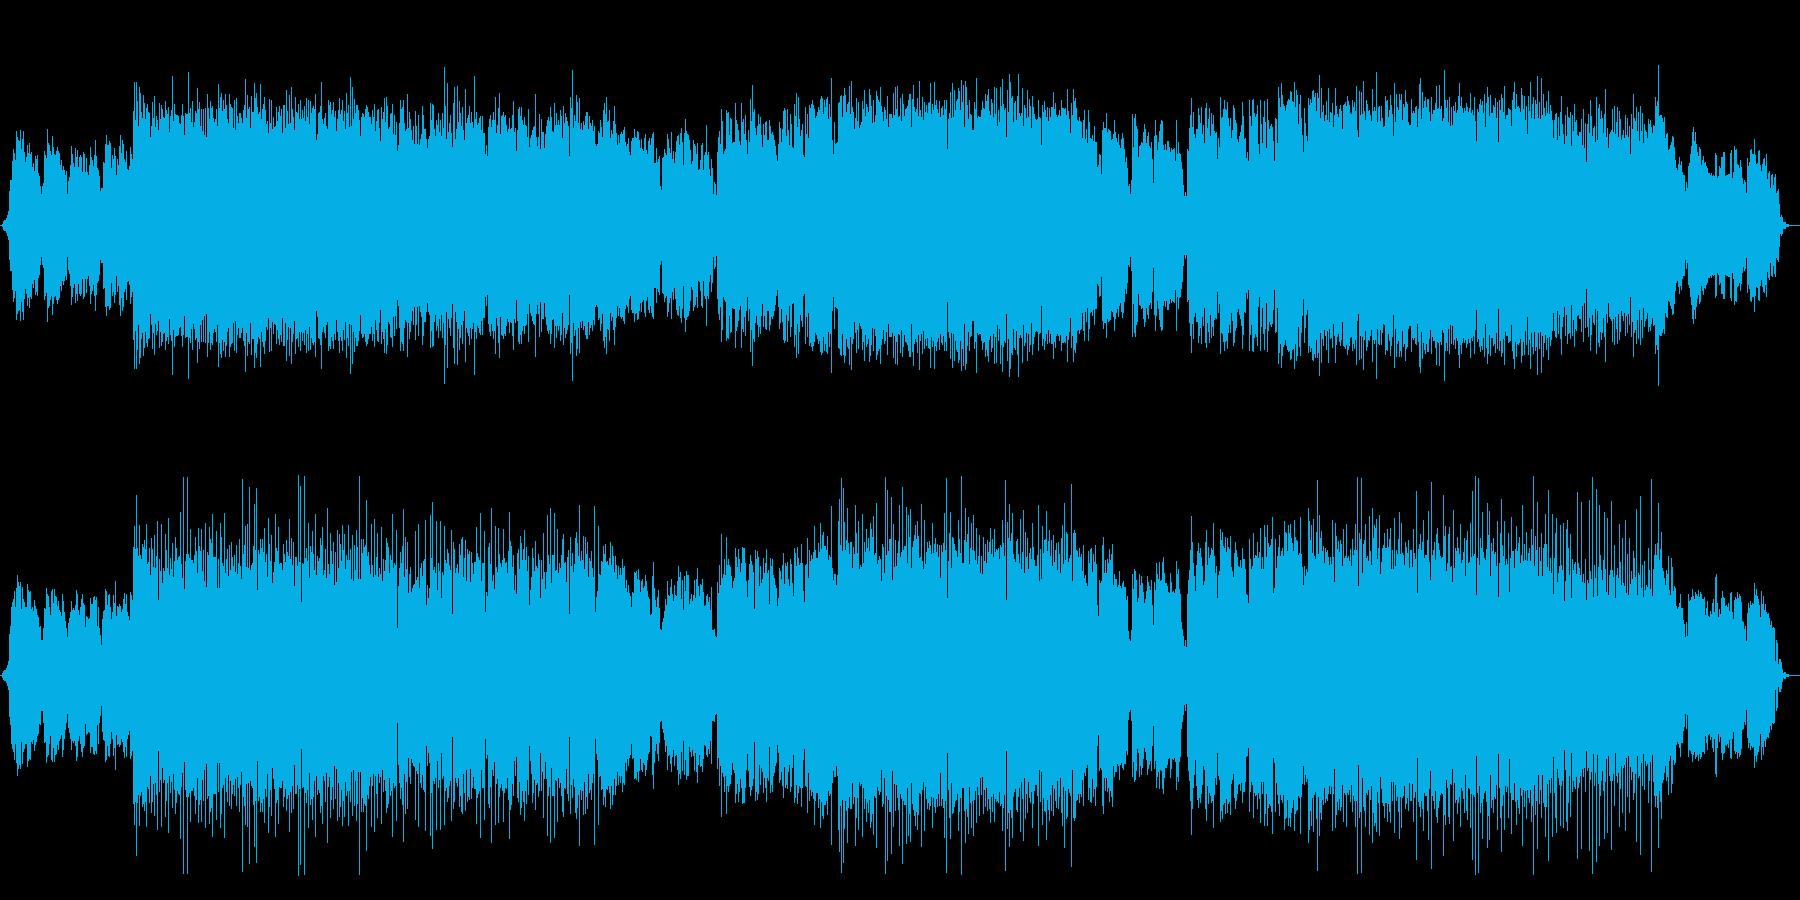 Japanese style house EDM Japanese shakuhachi performance's reproduced waveform